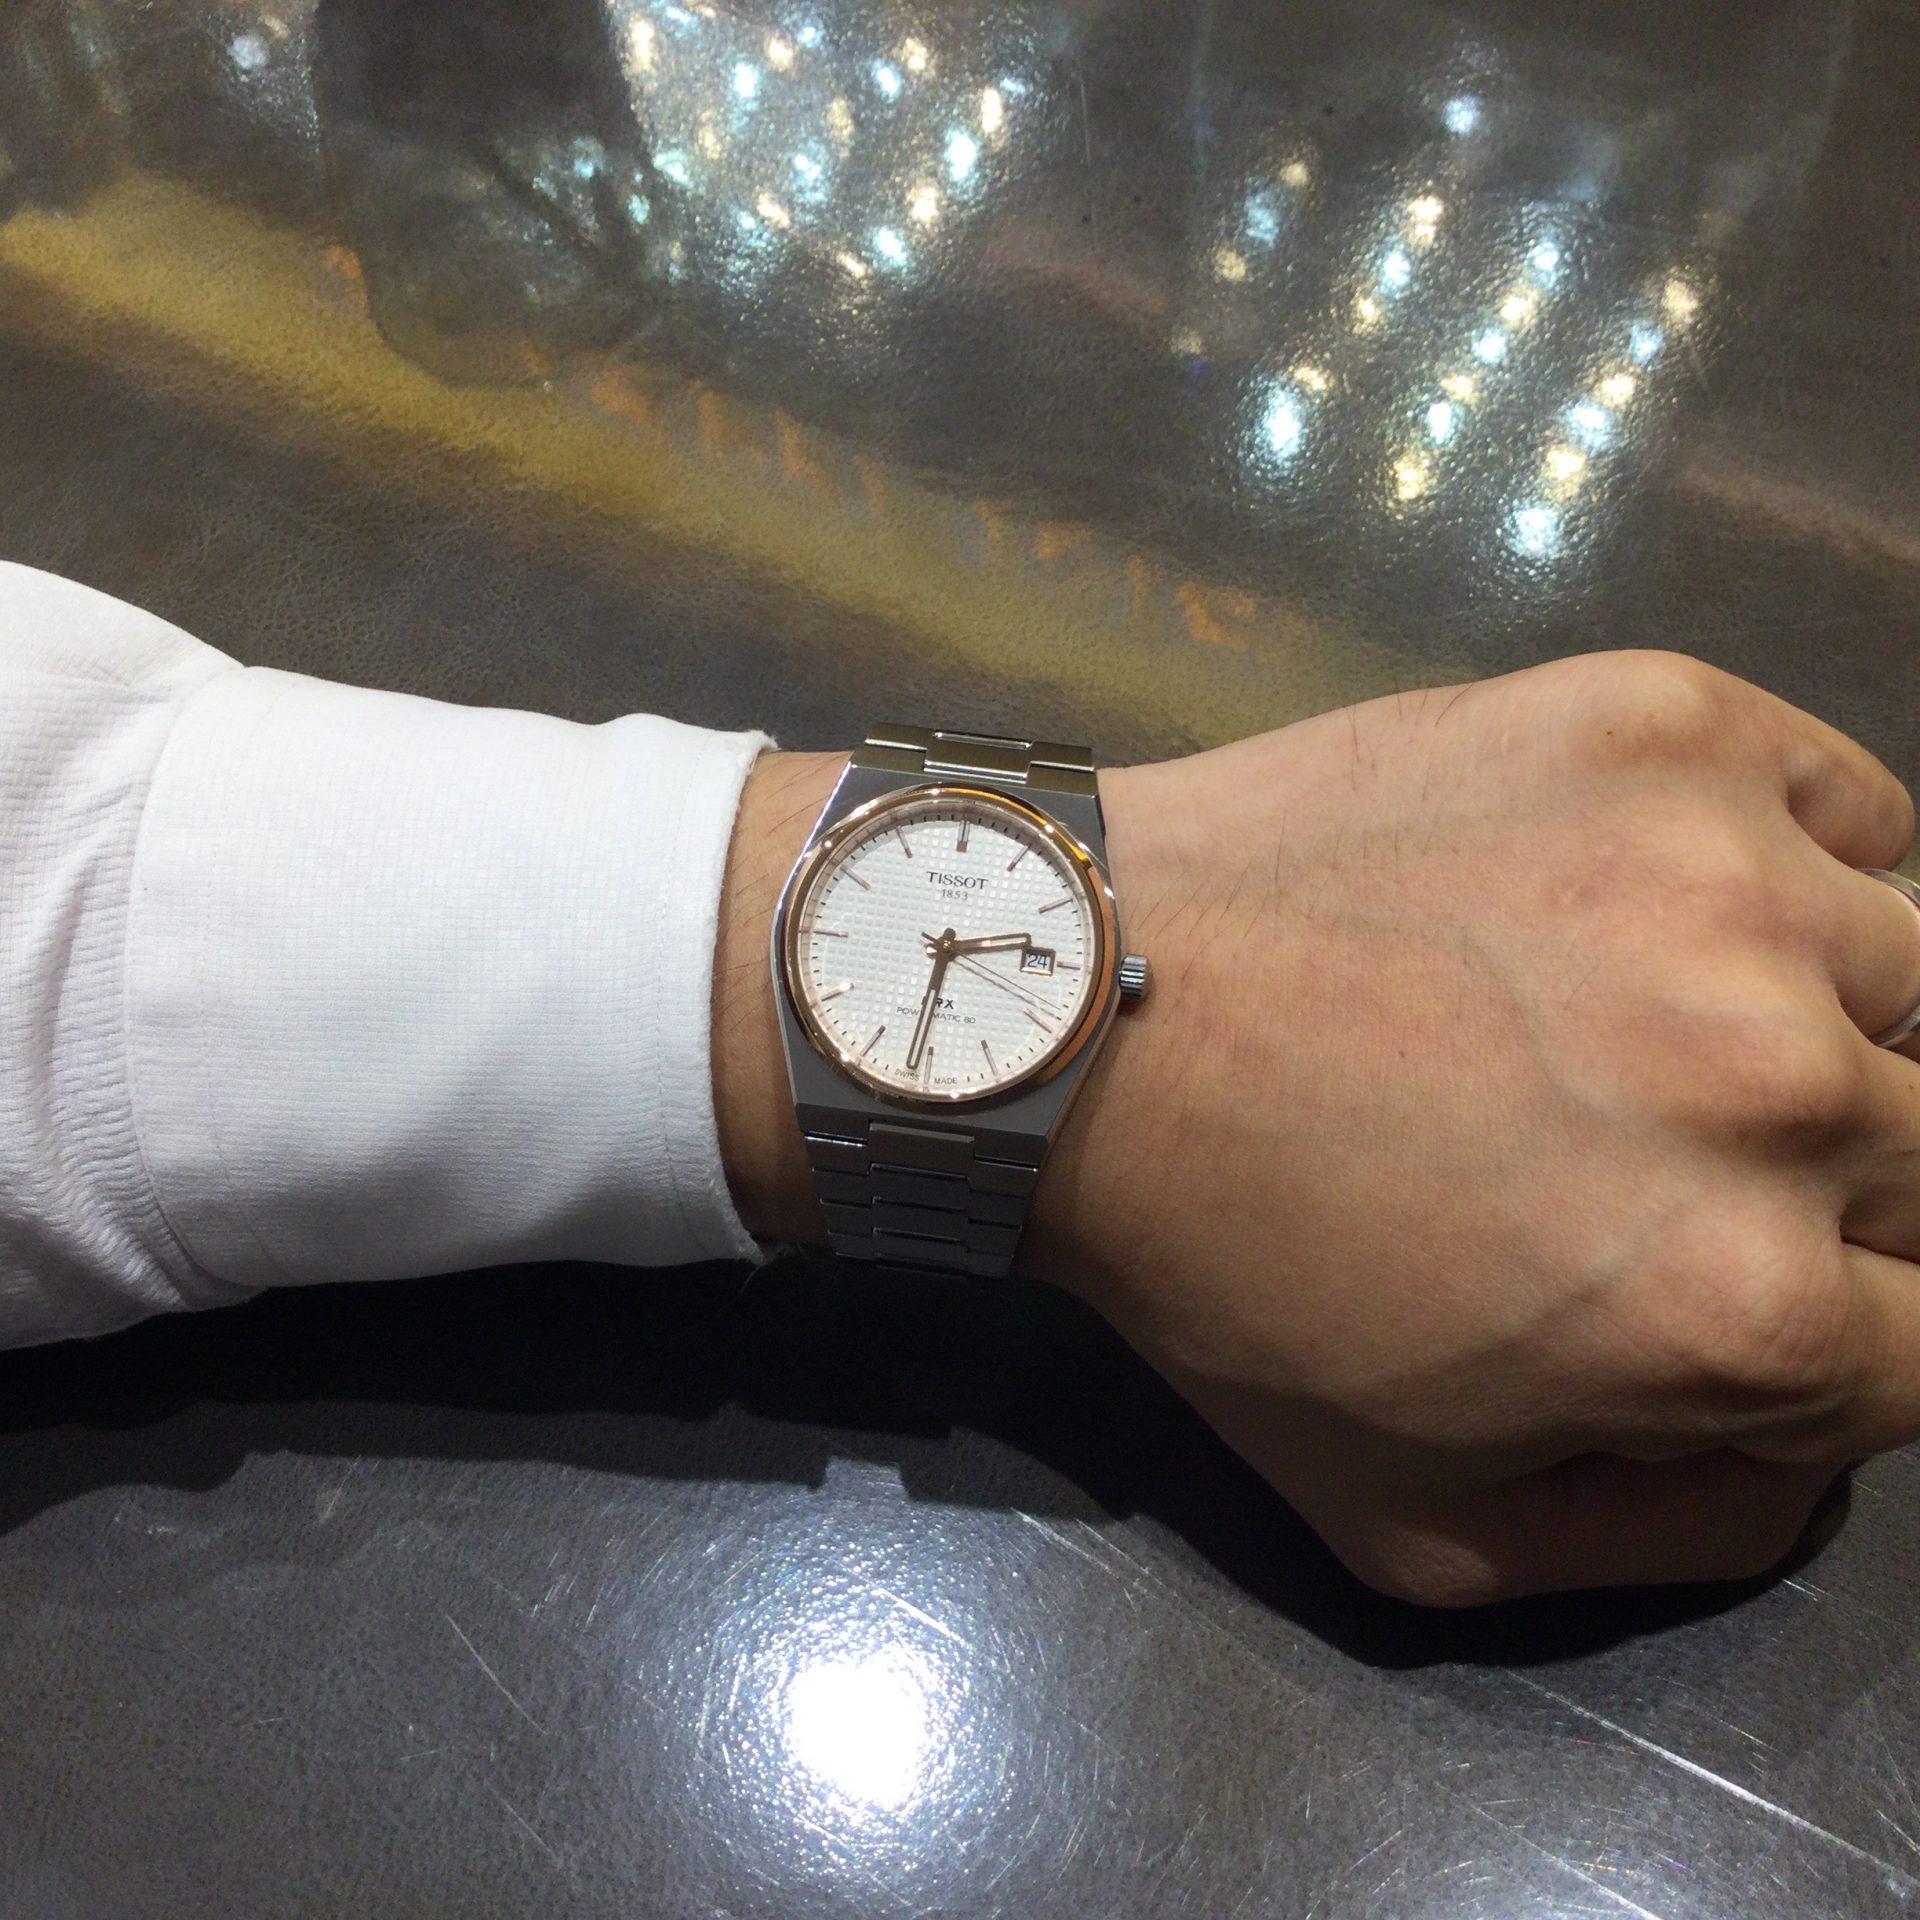 ティソのお時計をお買い上げ頂きまして、有難うございます!-画像1